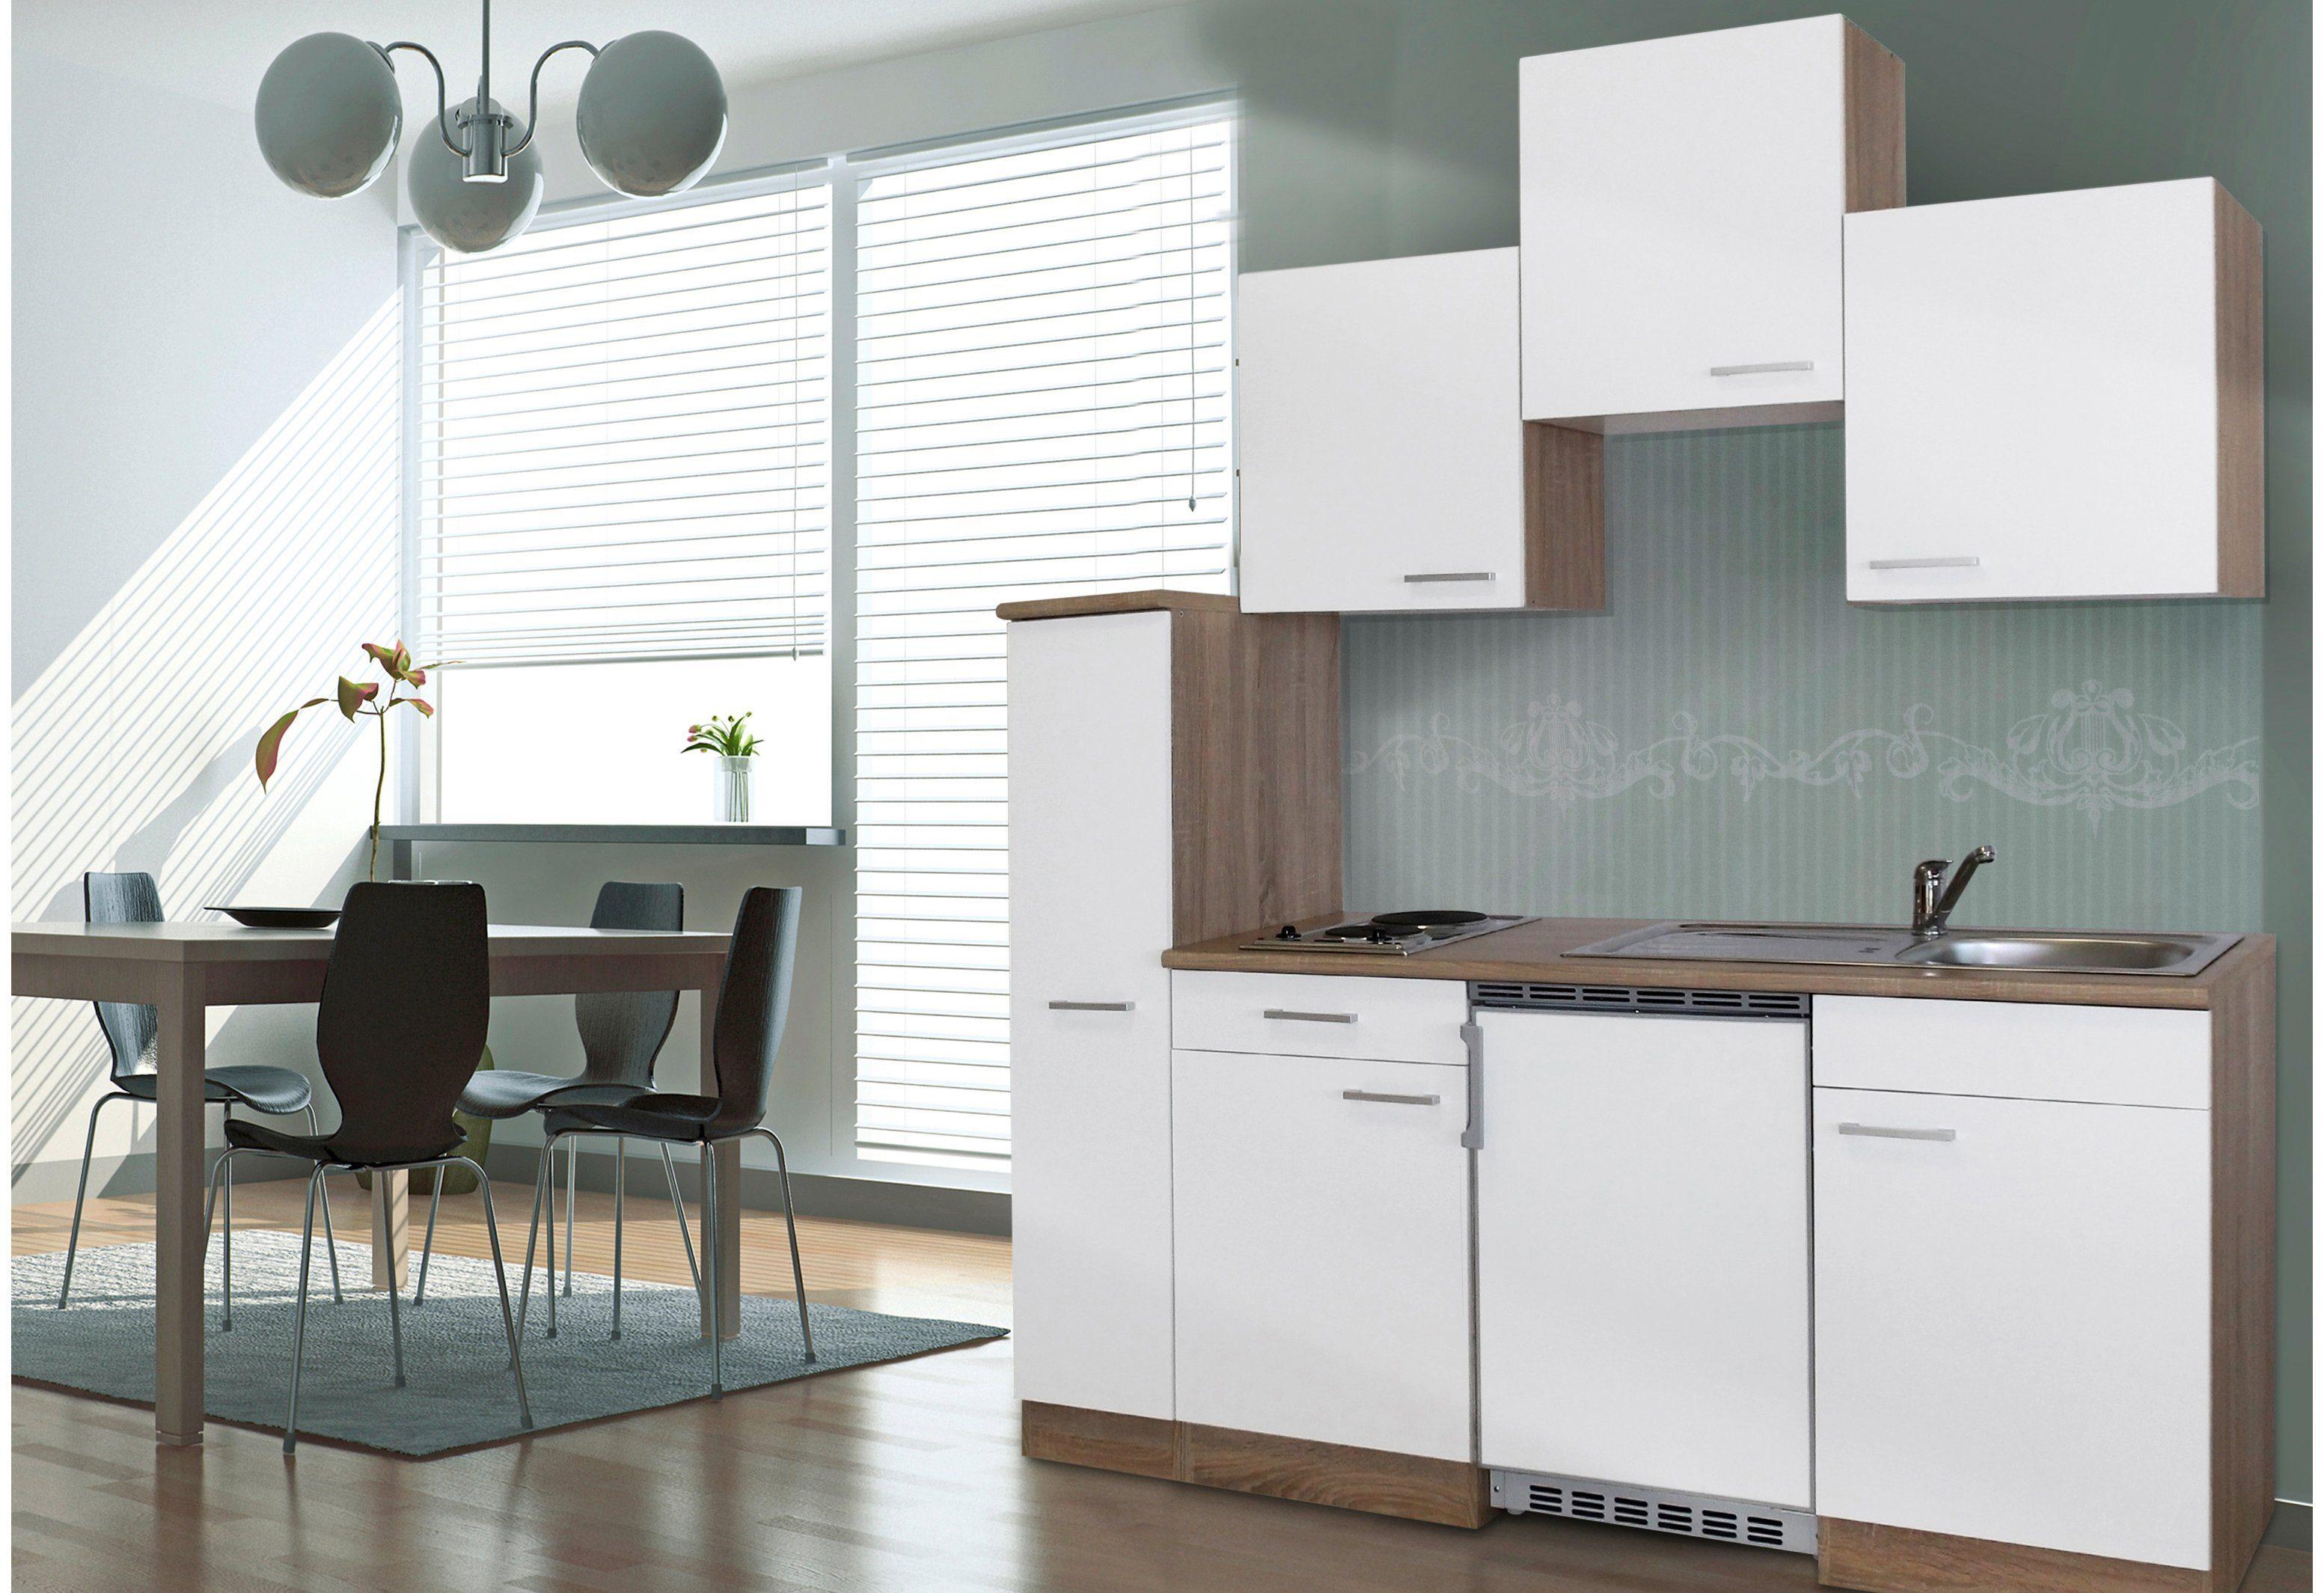 Miniküche Mit Kühlschrank Bauhaus : Miniküche bauhaus miniküche ohne spüle eh kyushucon